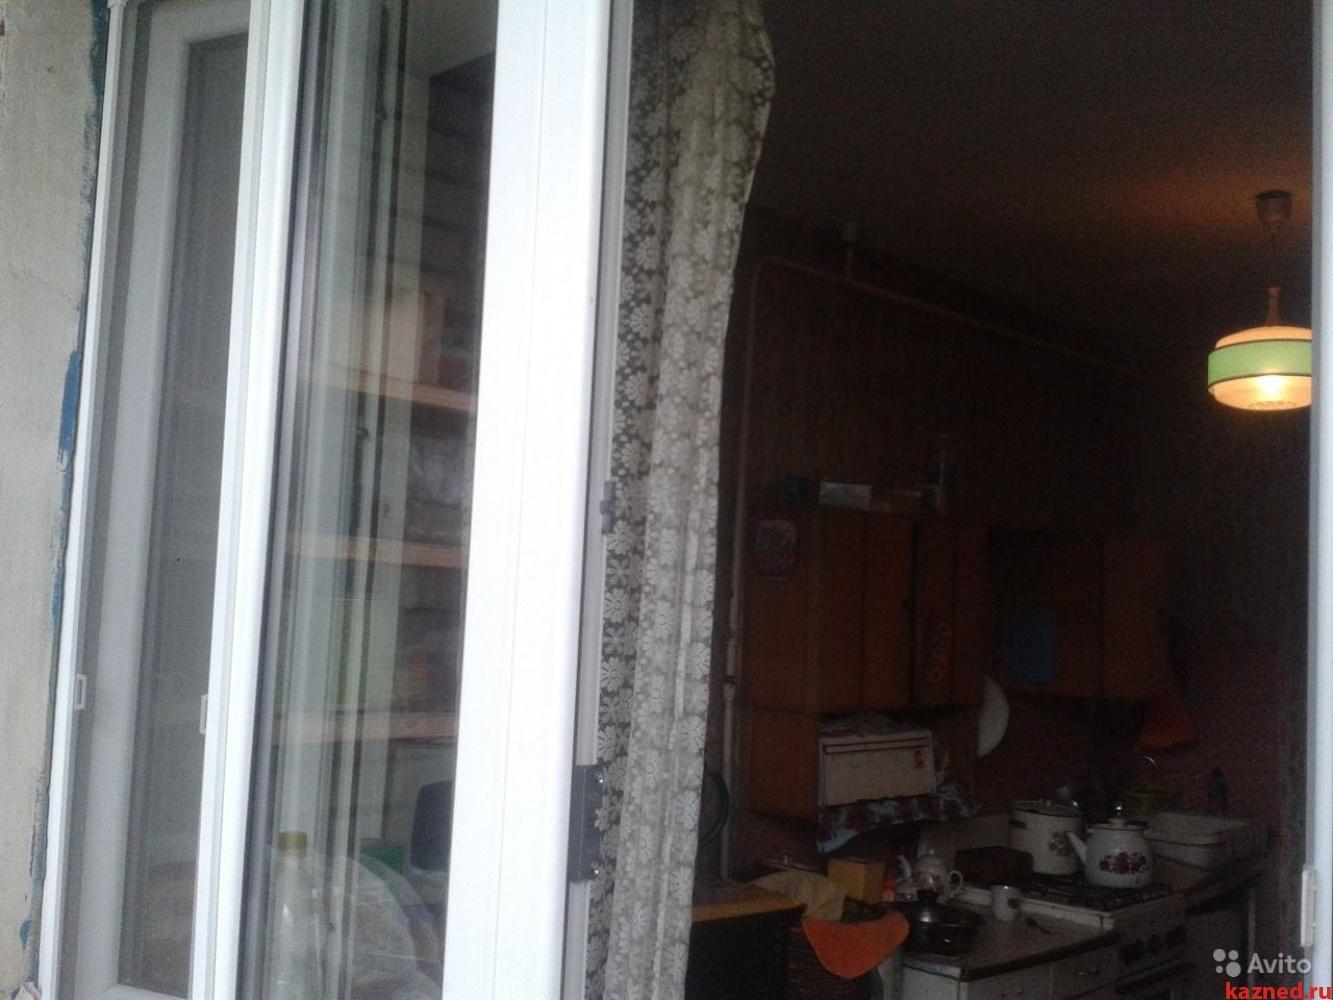 Продажа 1-к квартиры Новая, 7, 37 м²  (миниатюра №17)